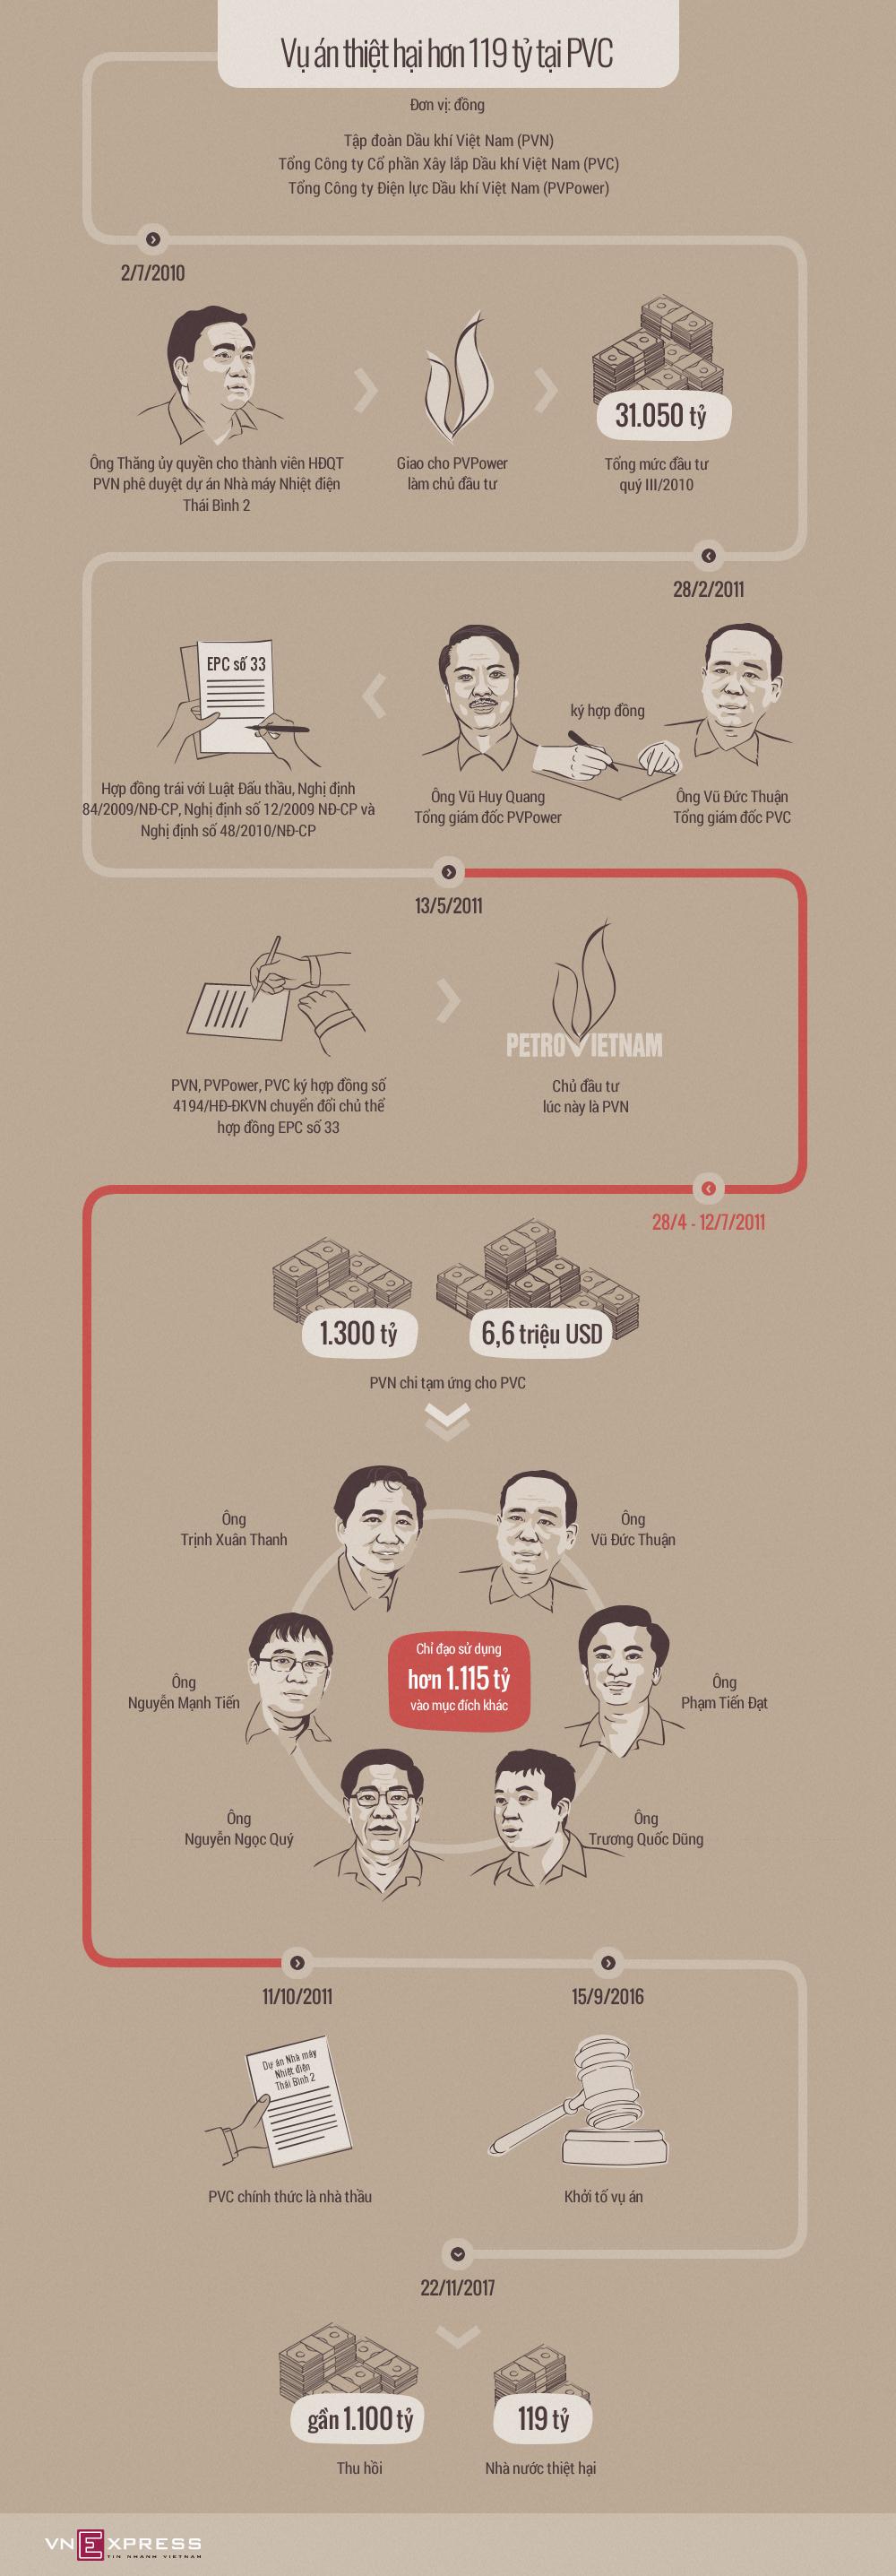 Ông Đinh La Thăng liên quan thế nào trong vụ án tại PVC